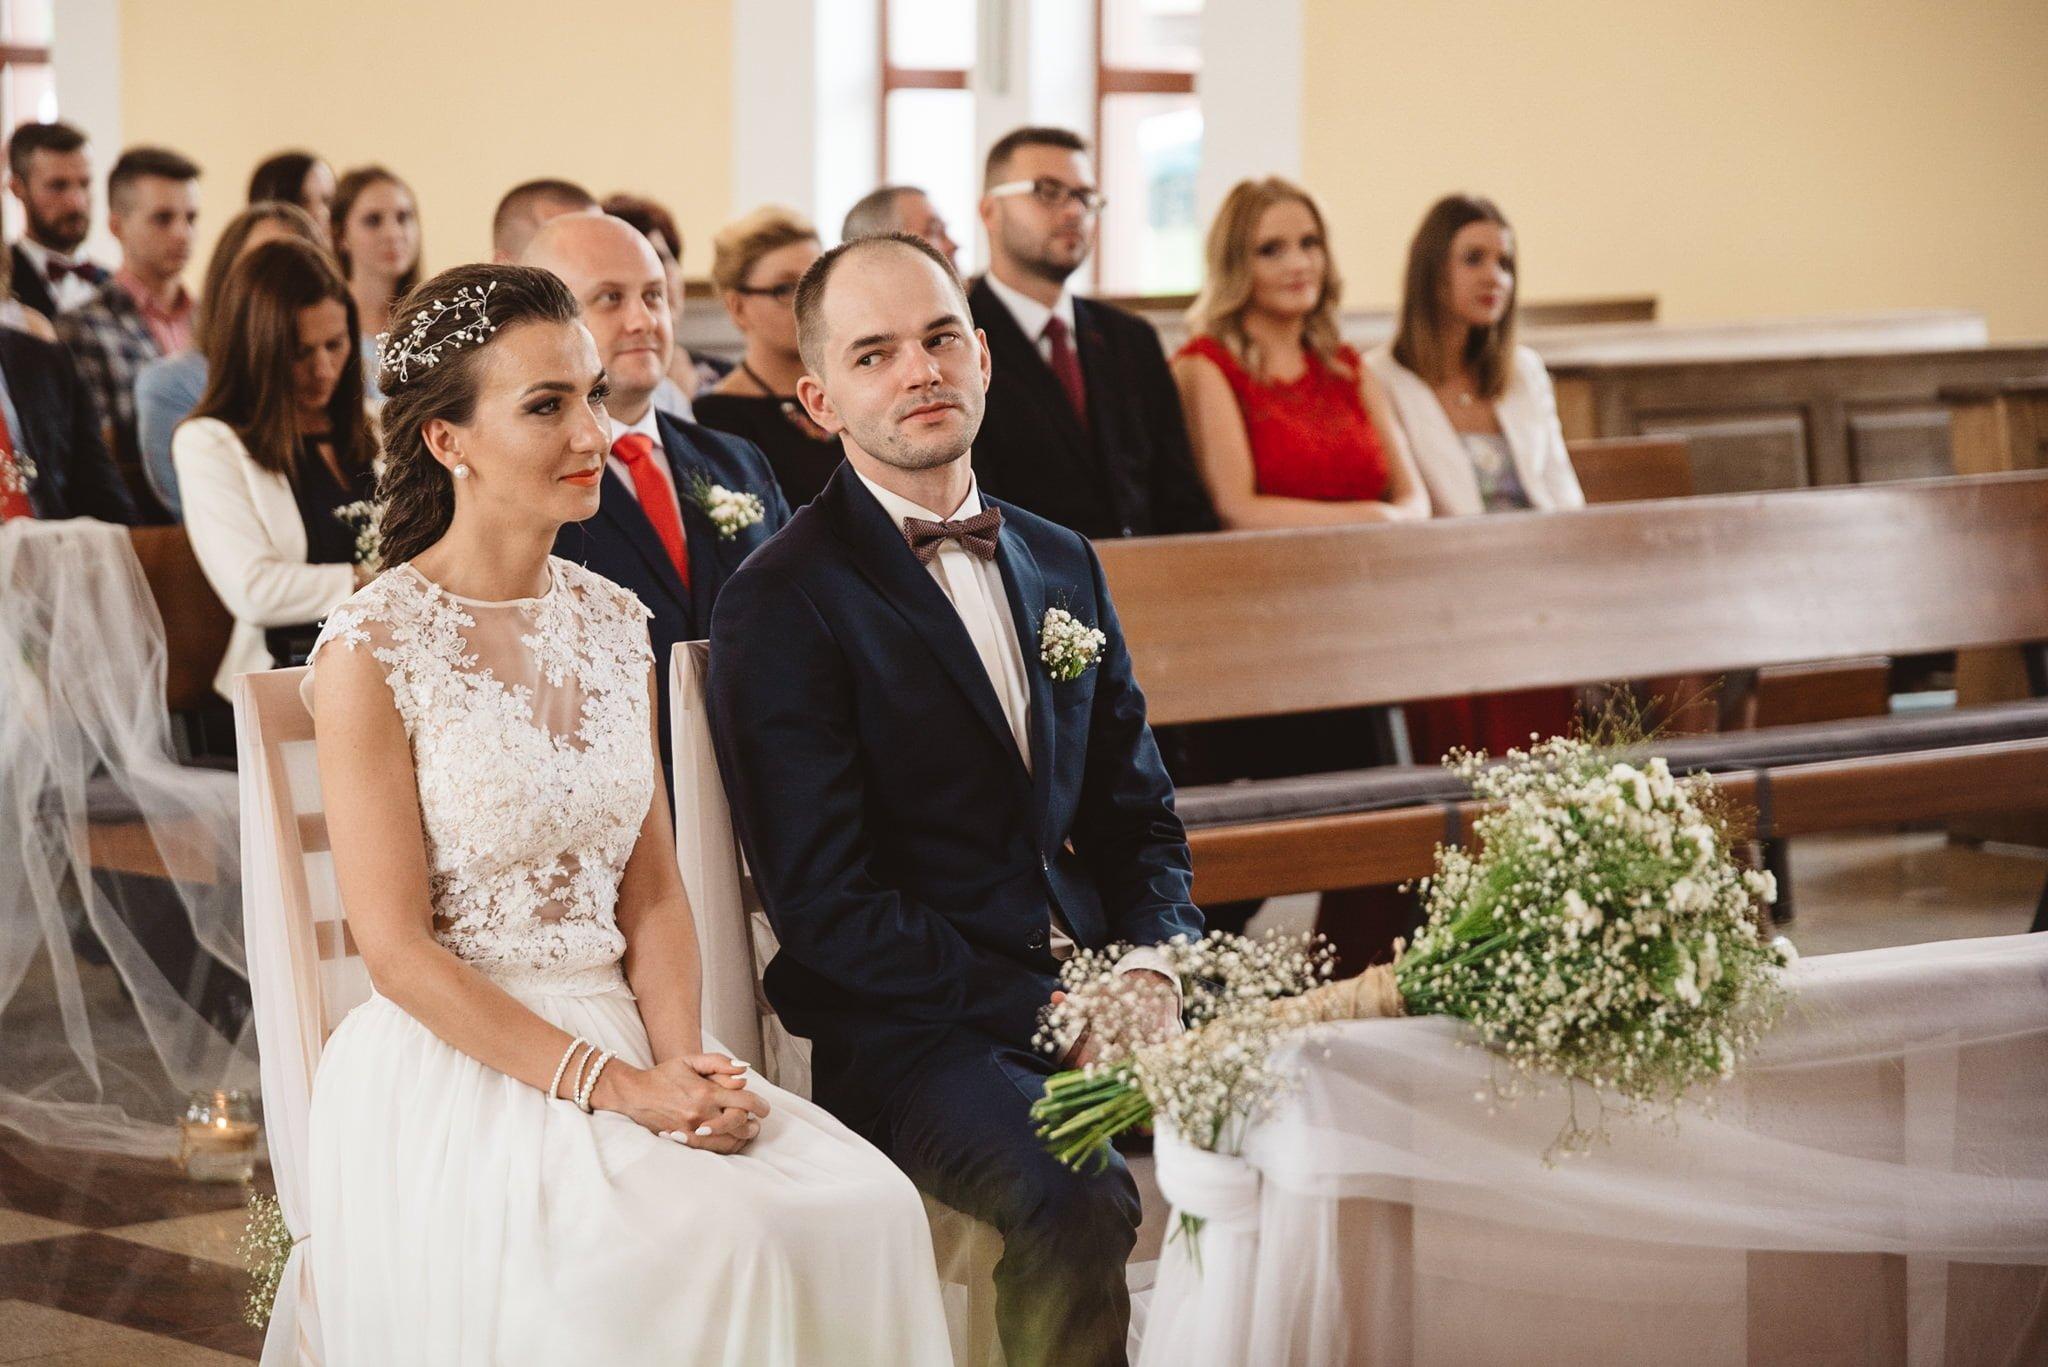 Ala i Arek, czyli jak zorganizować ślub i wesele w 4 tygodnie! 79